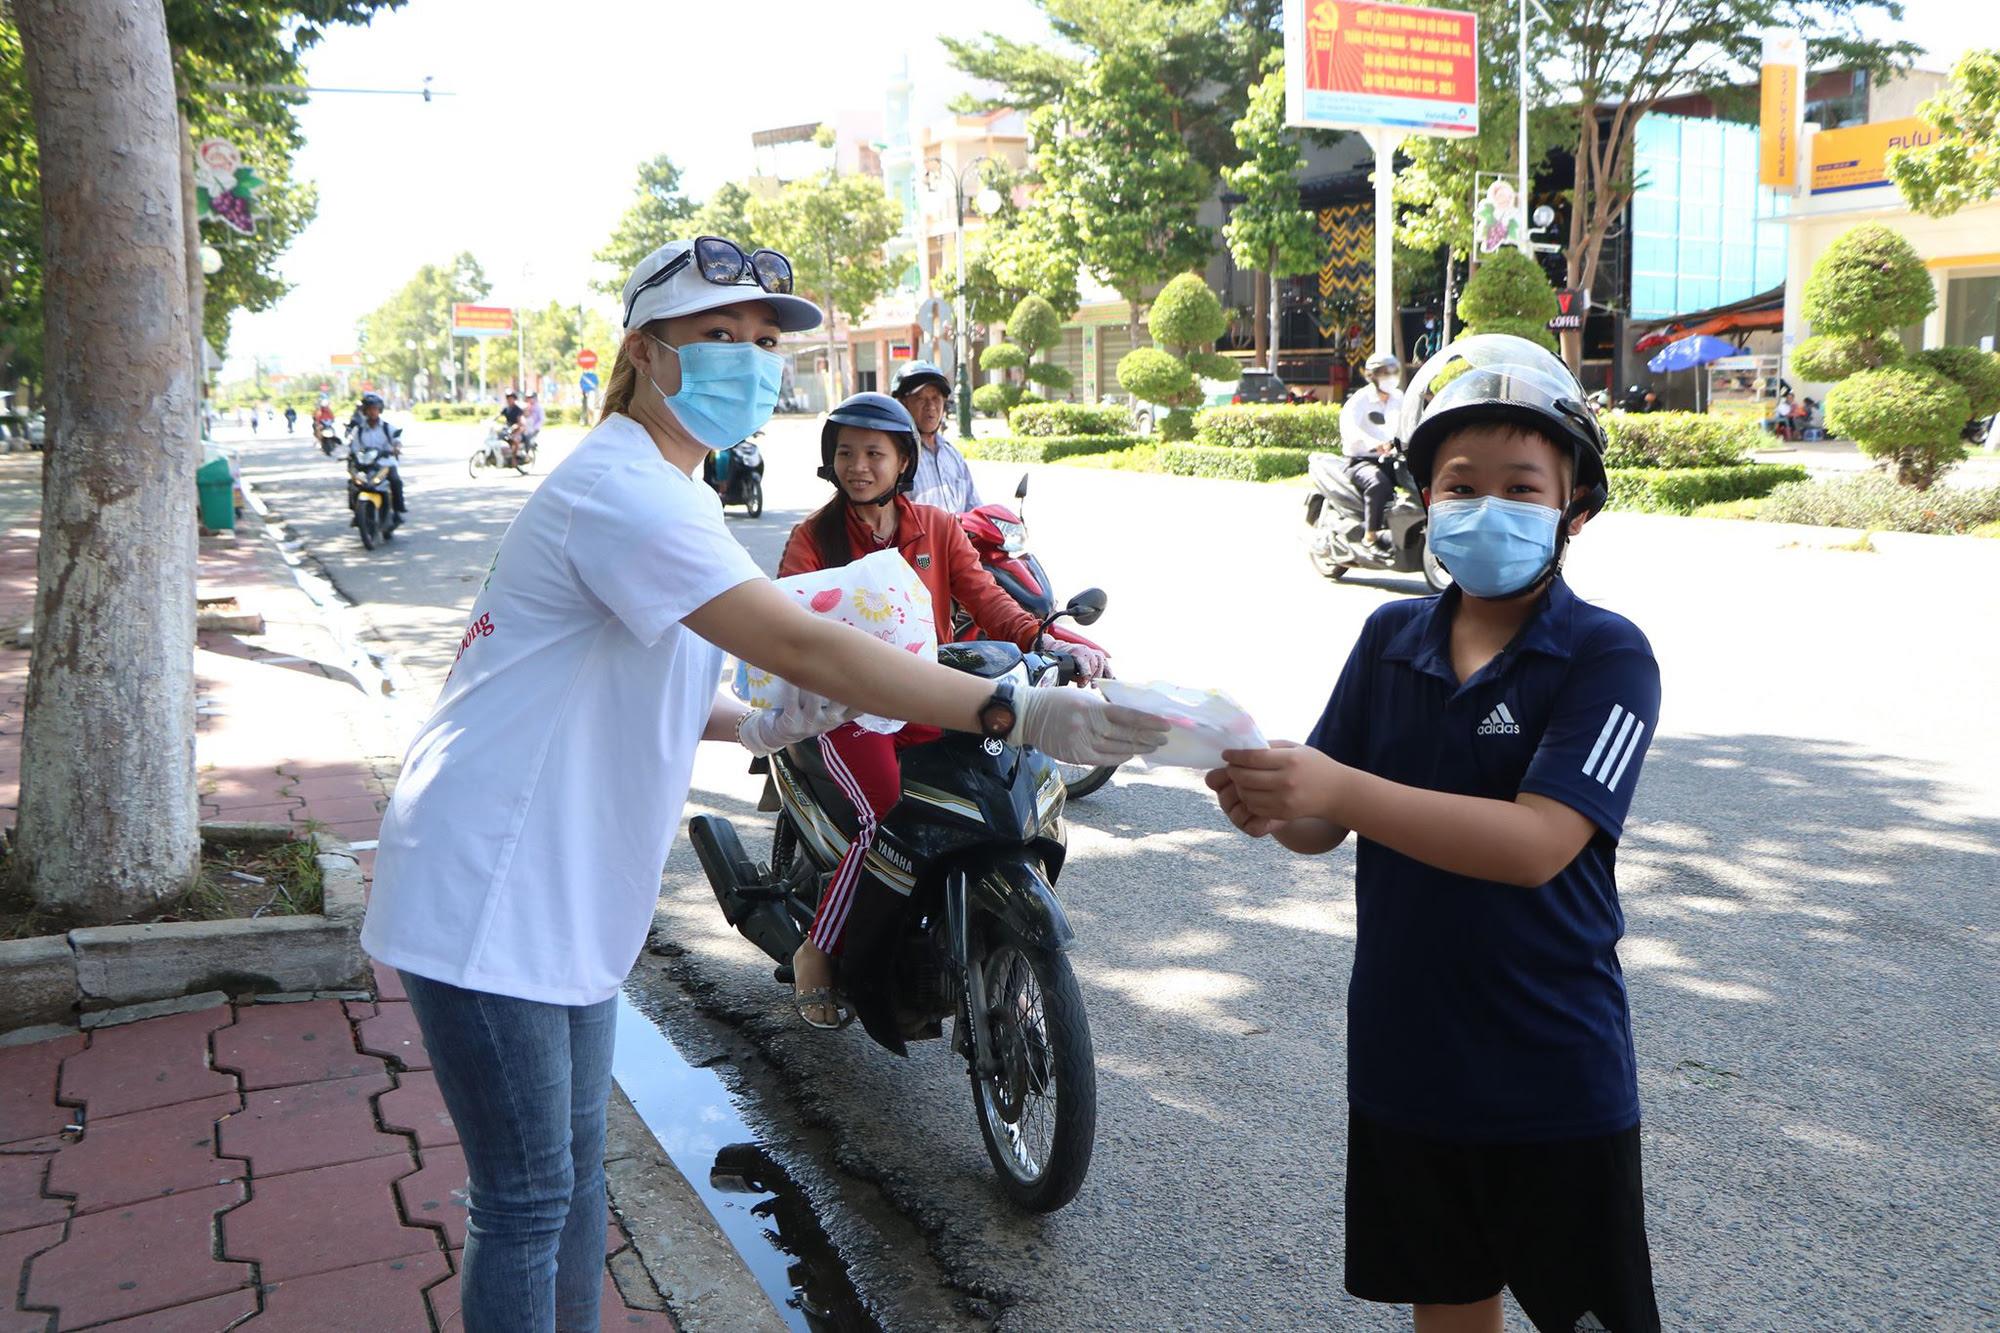 Dịch Covid-19: Ninh Thuận tạm dừng các cuộc họp, hội nghị, hội thảo,... - Ảnh 1.